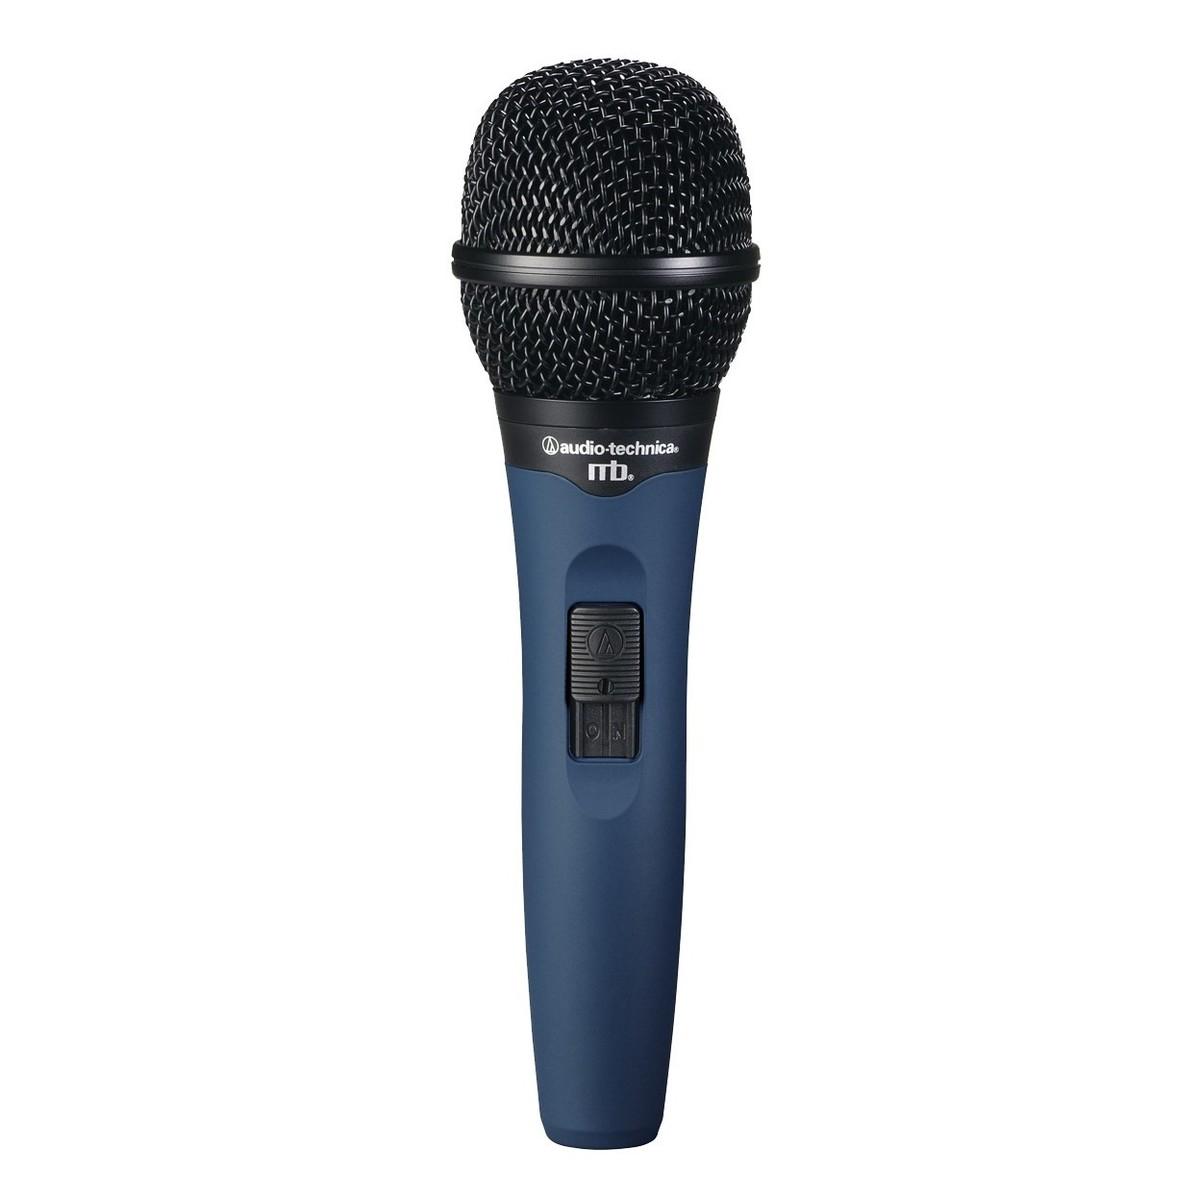 Se TILBUD på Omnitronic MIC 85 Dynamic Microphone TILBUD NU